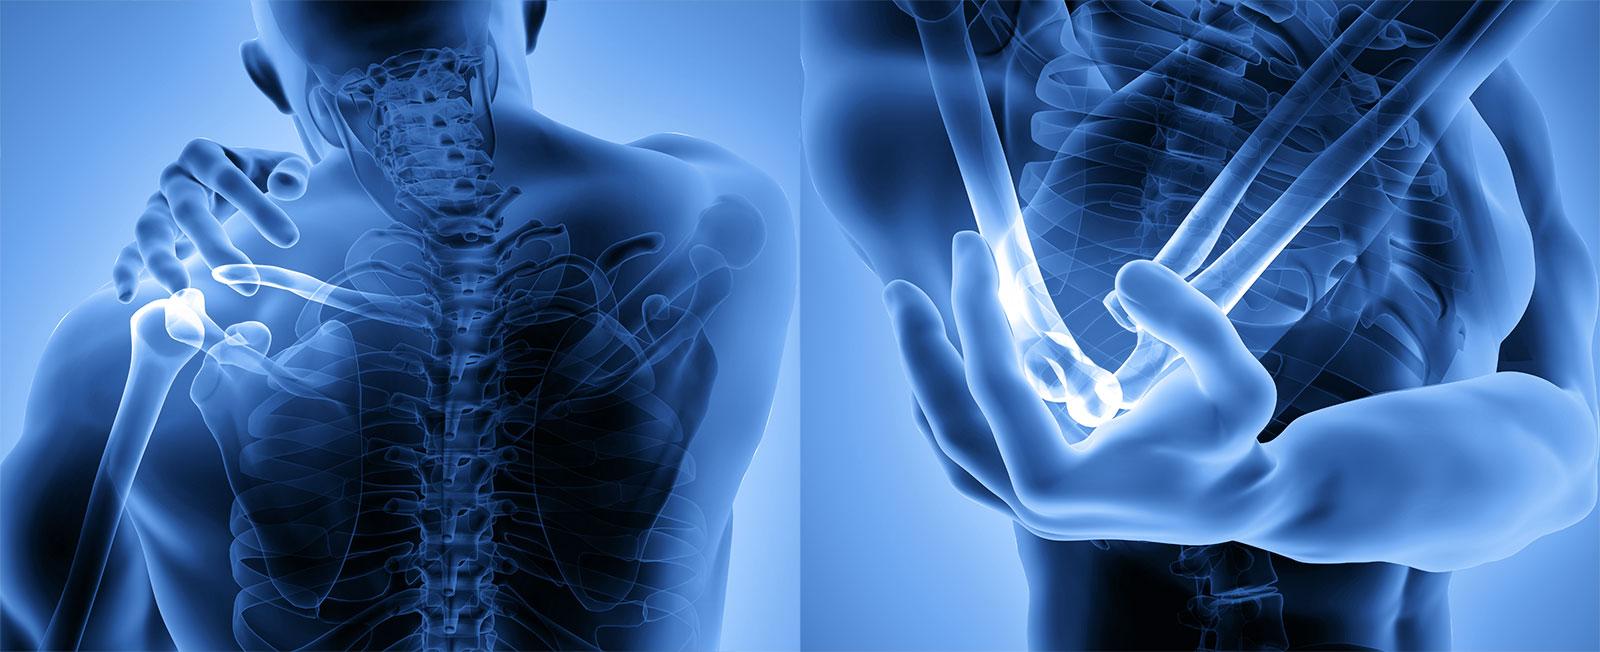 肩関節・肘関節治療